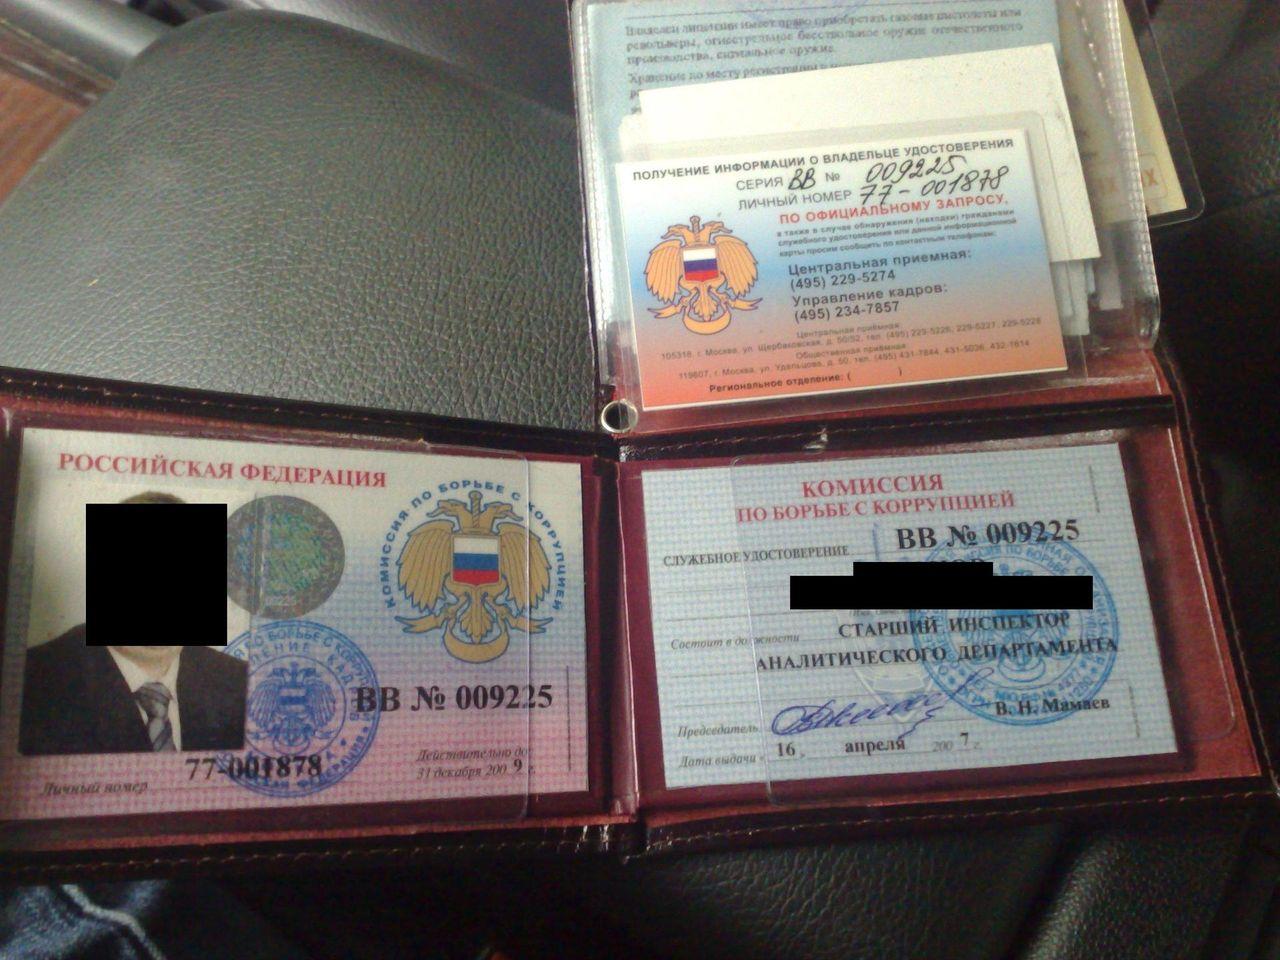 уклоном может фото билет комитет по борьбе с коррупцией получаешь паспорт